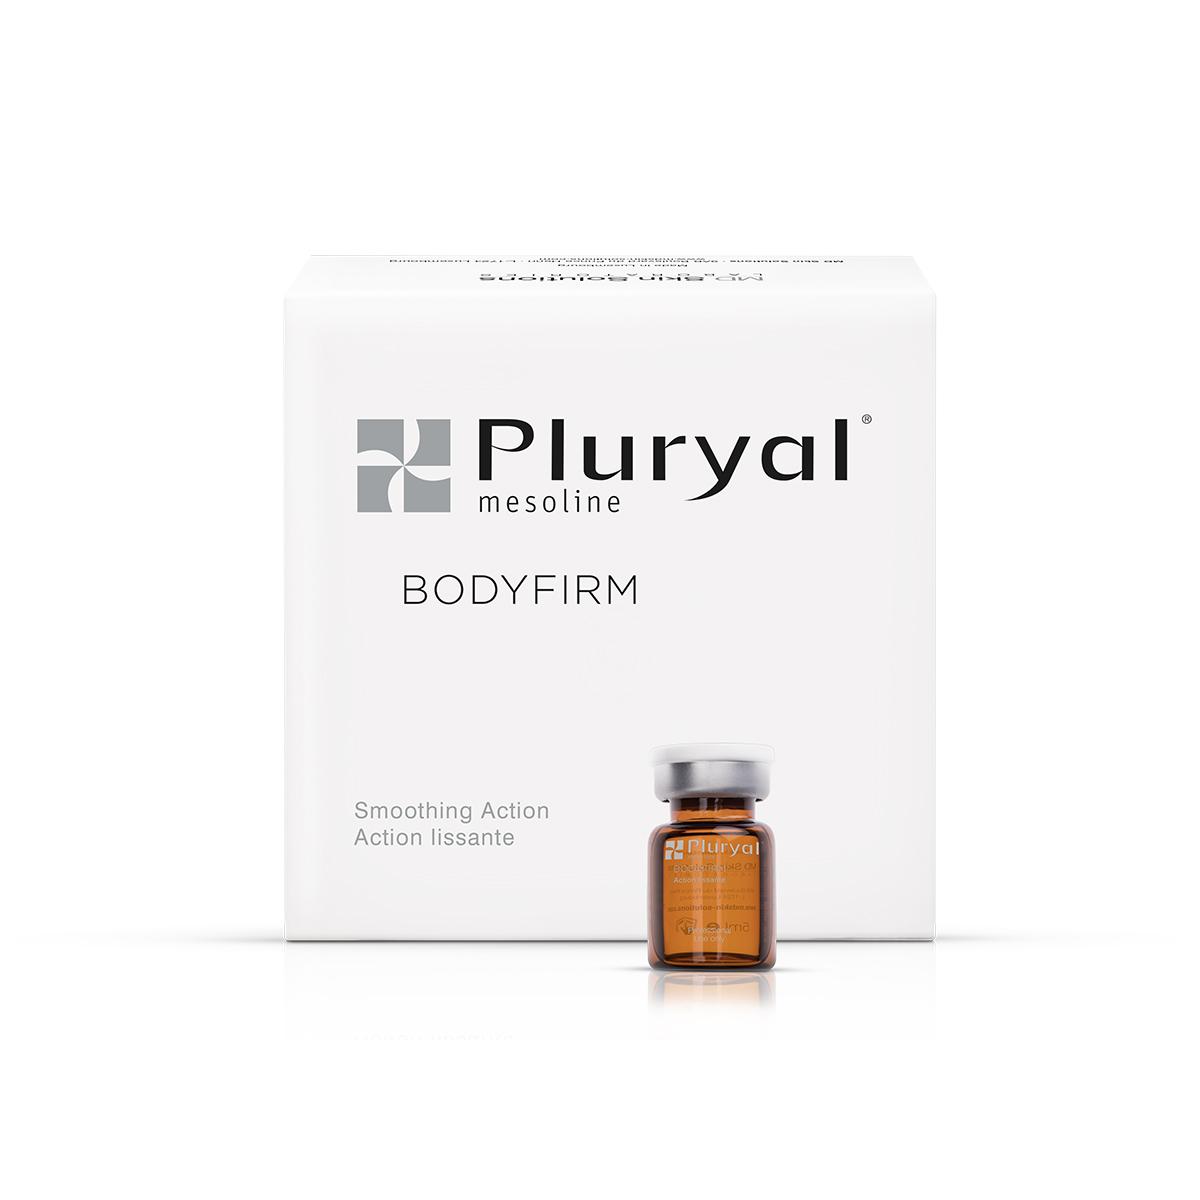 Pluryal Mesoline Bodyfirm Mezoterapija - MD Beauty Mikodental - Zatezanje kože